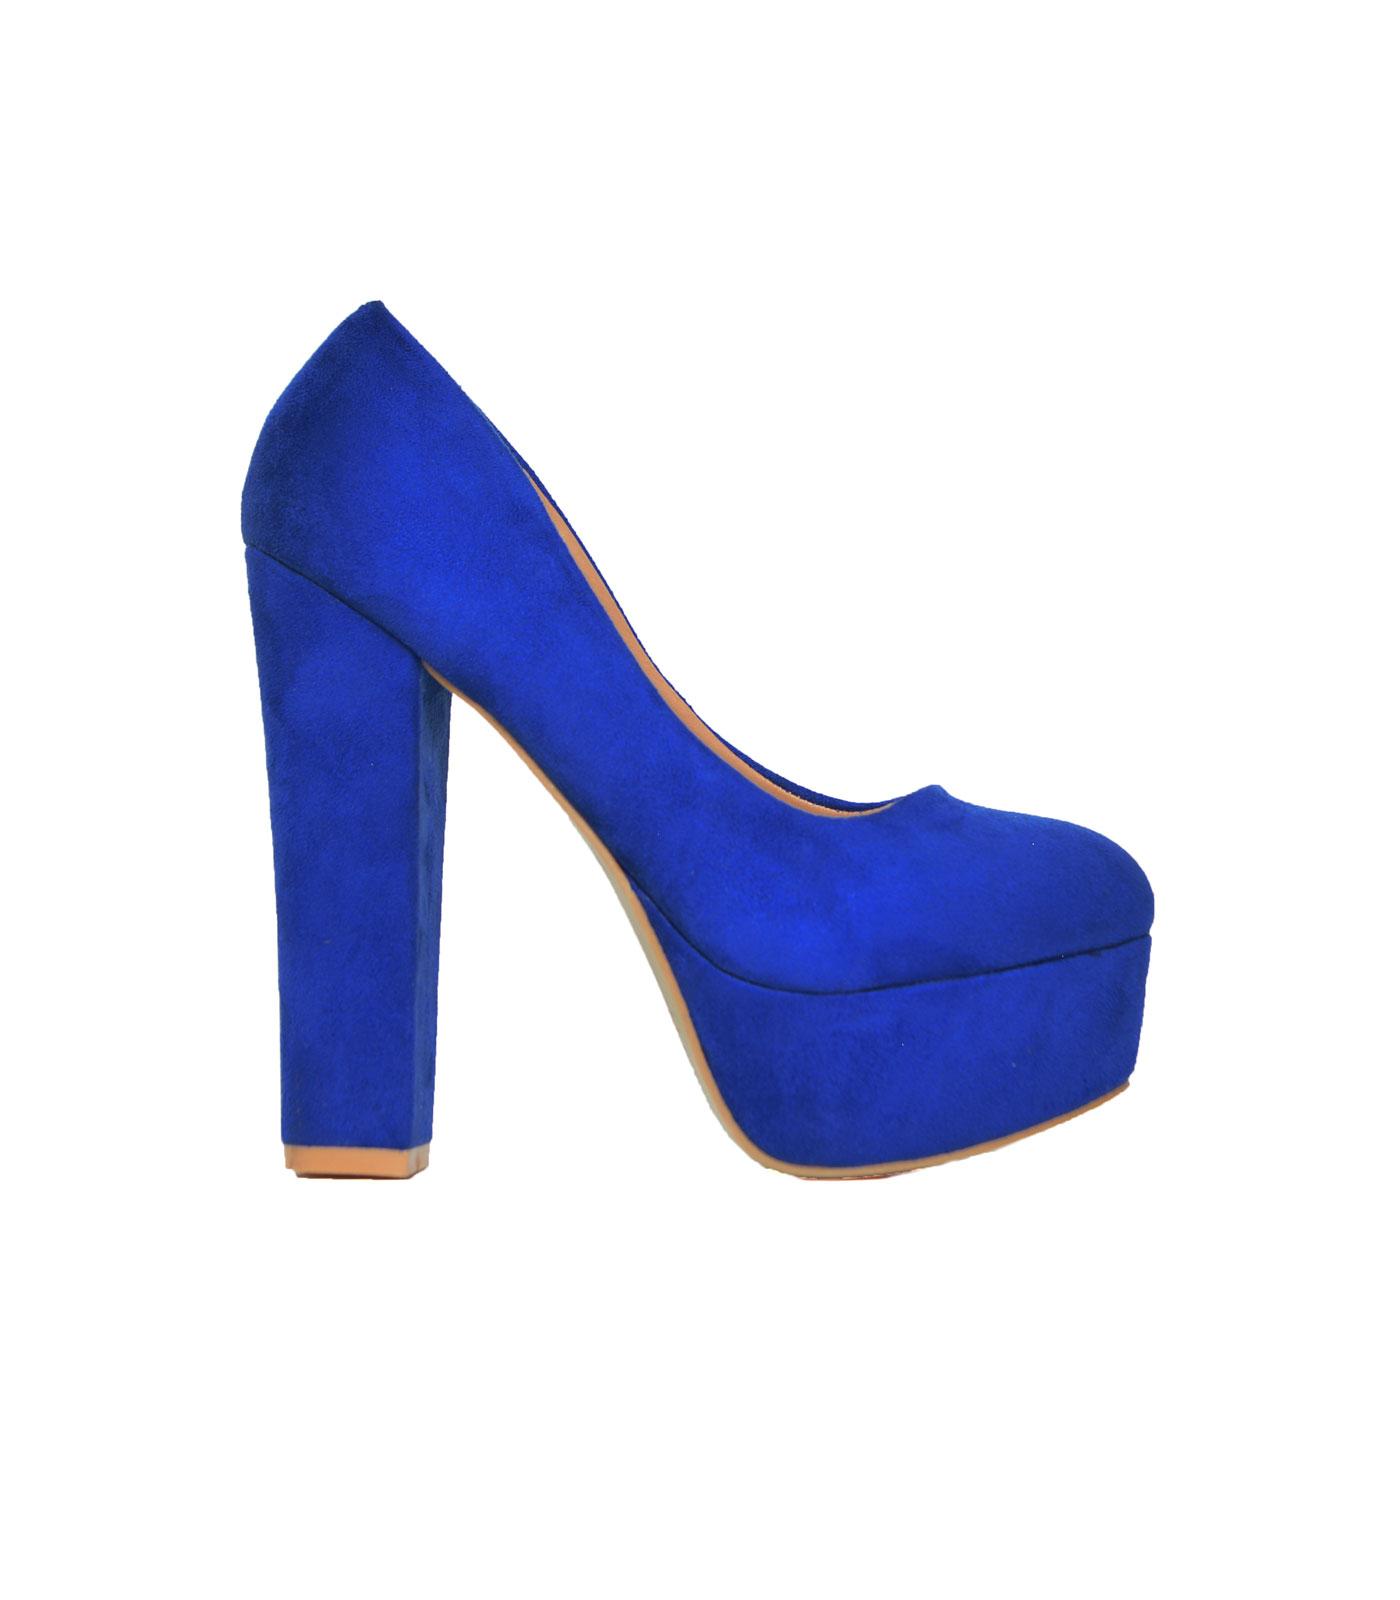 Σουέτ γόβες με χοντρό τακούνι Μπλε παπούτσια   γόβες